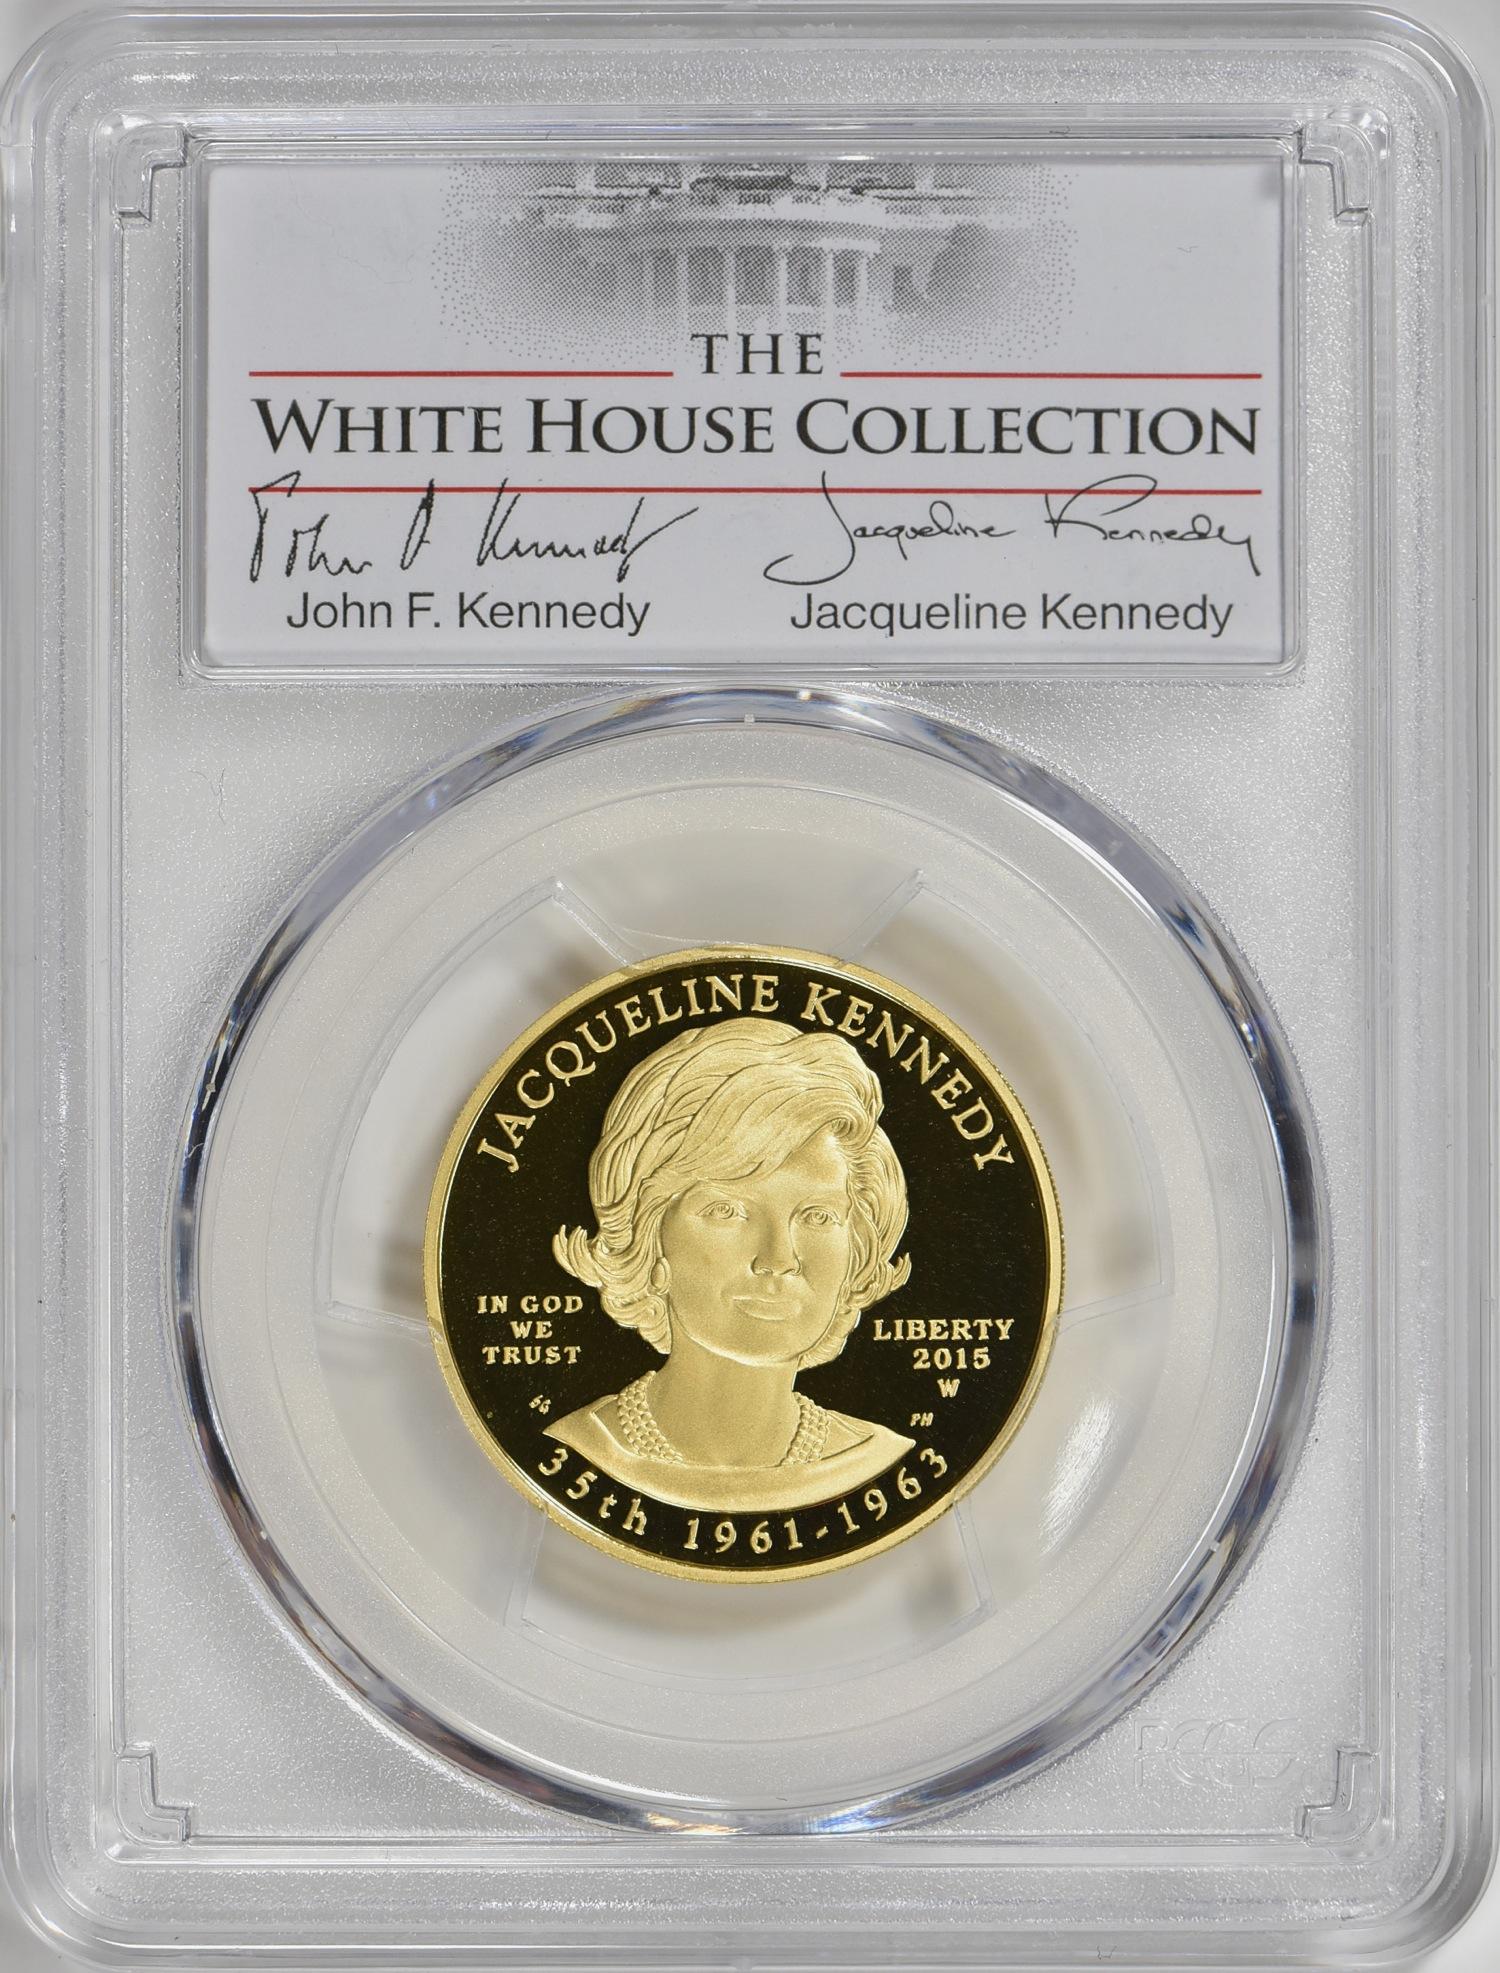 【動画あり】2015-W 10ドル金貨 ジャクリーン・ケネディ  $10 PCGS PR70DCAM(First Strike)The White House Collection